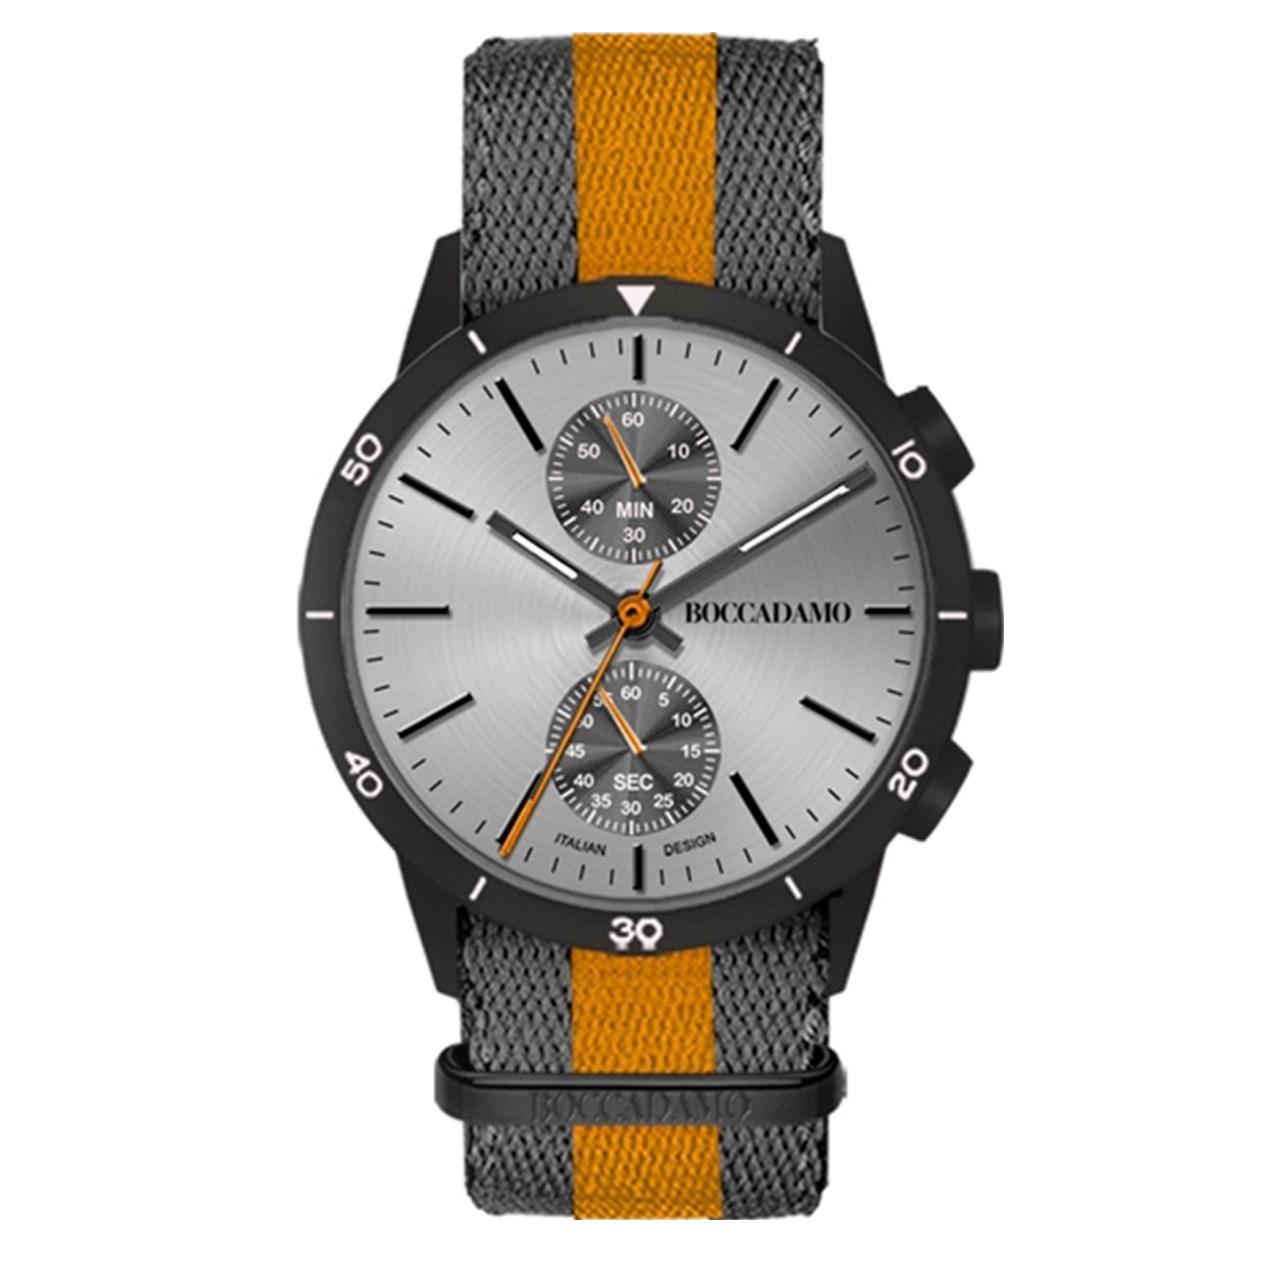 ساعت مچی عقربه ای مردانه بوکادامو مدل RGNV017